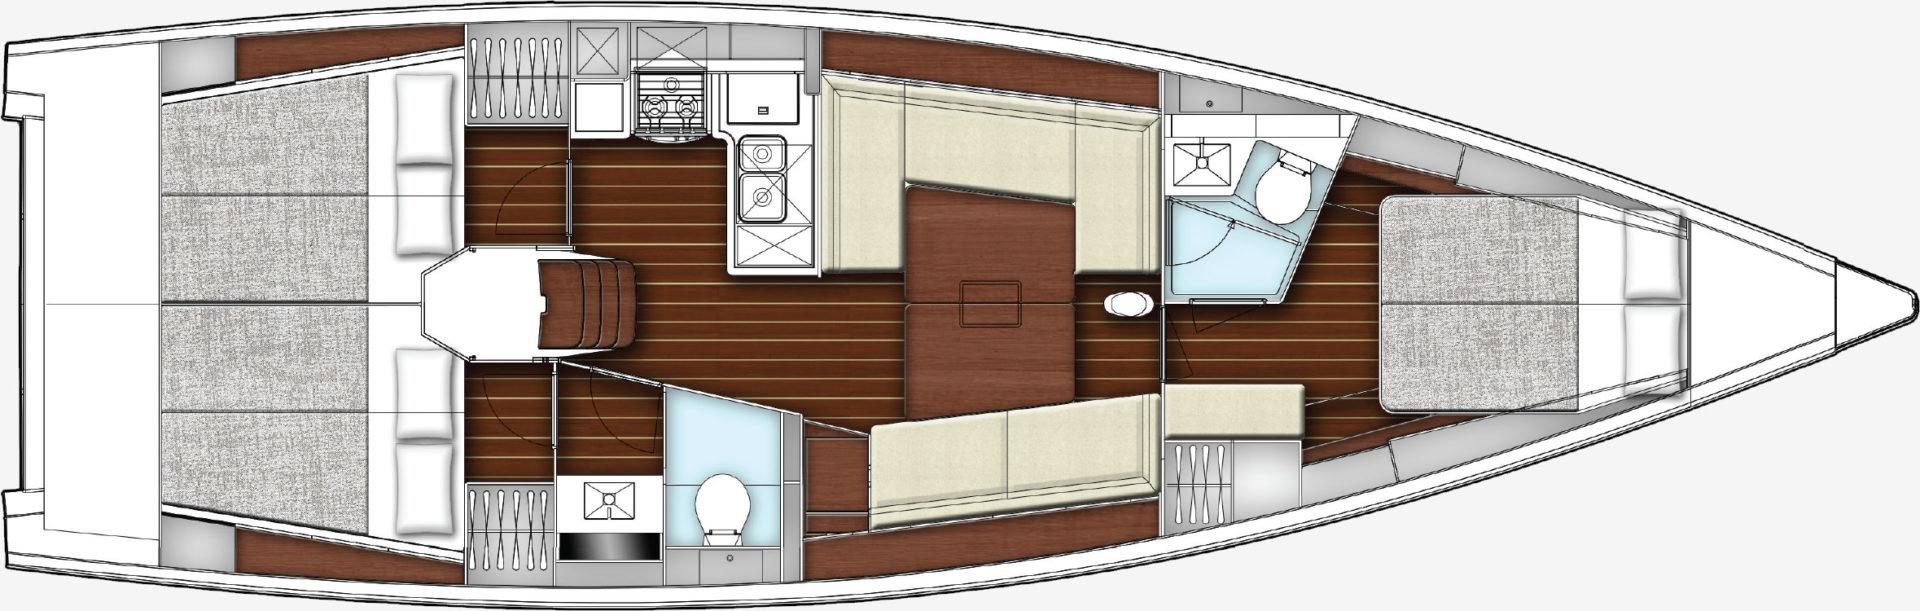 X4-Three-Cabin-Layout-1920x611